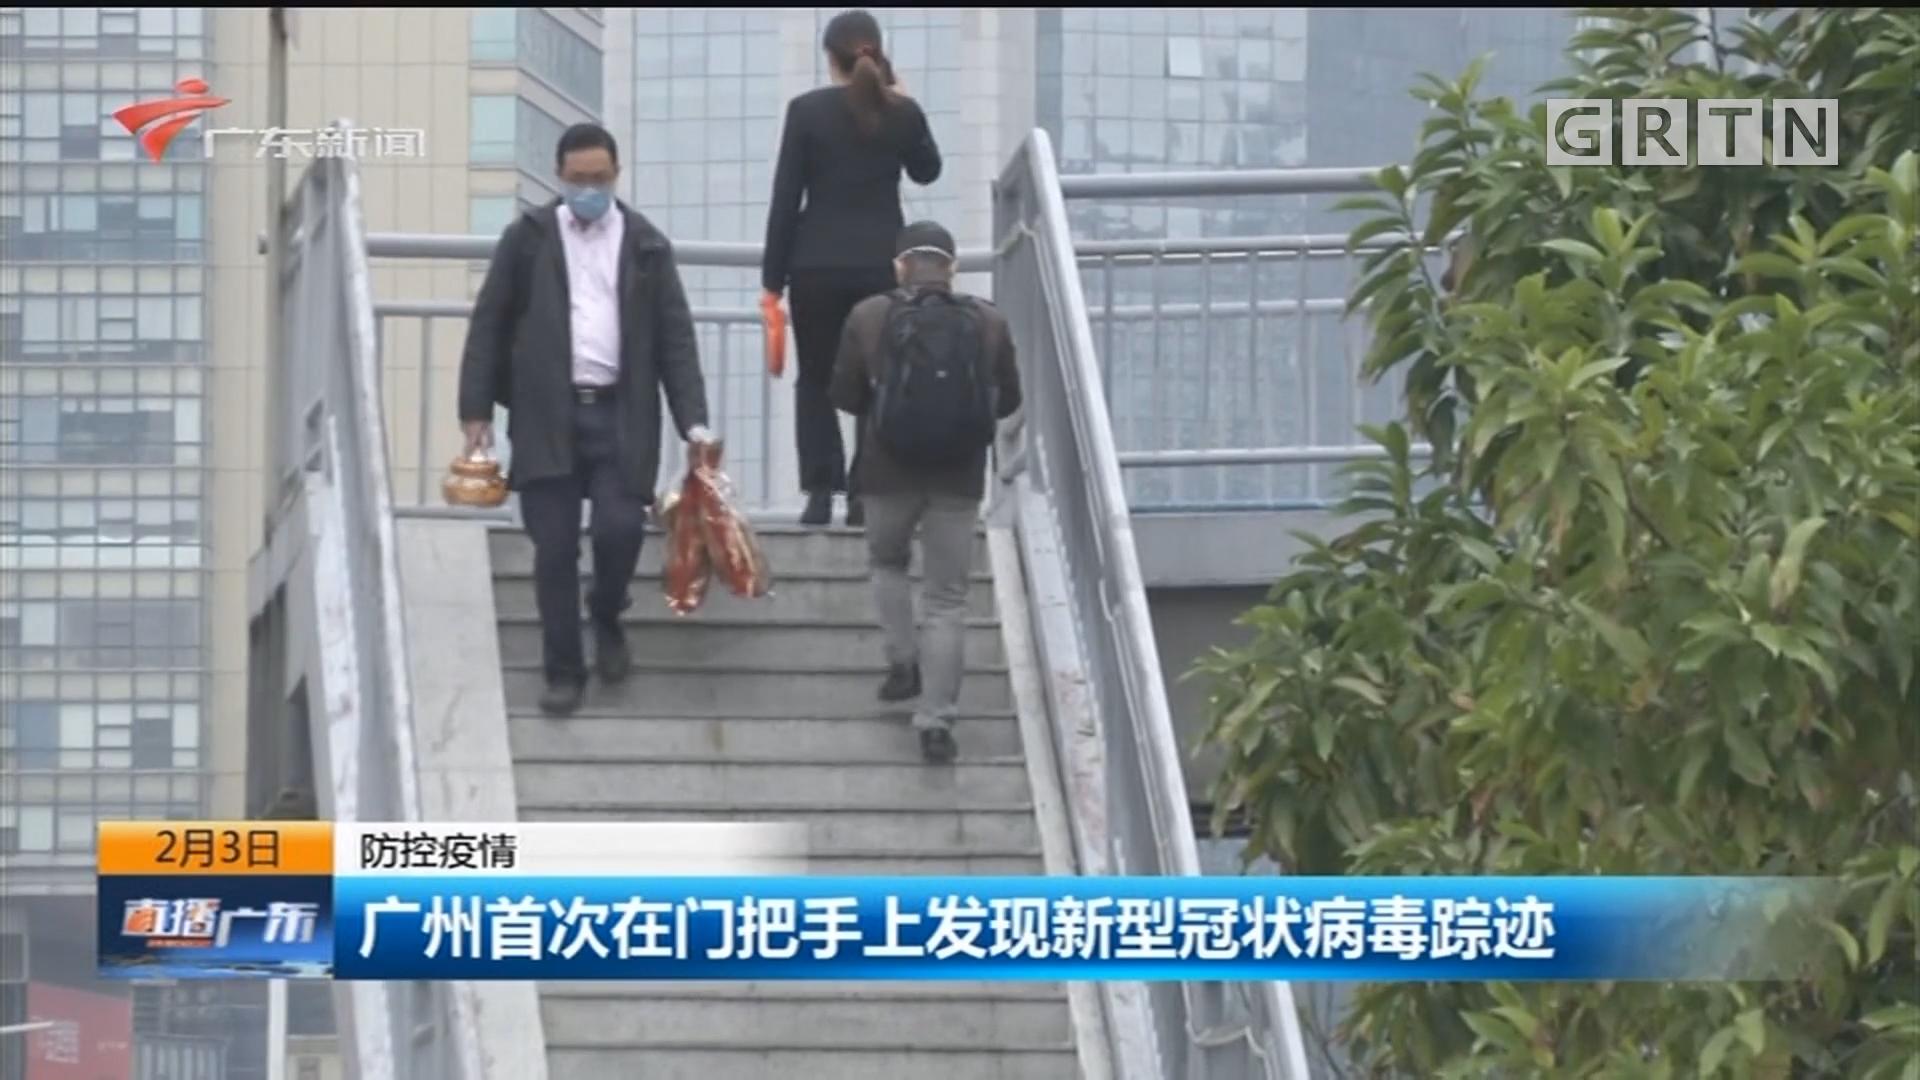 防控疫情:广州首次在门把手上发现新型冠状病毒踪迹